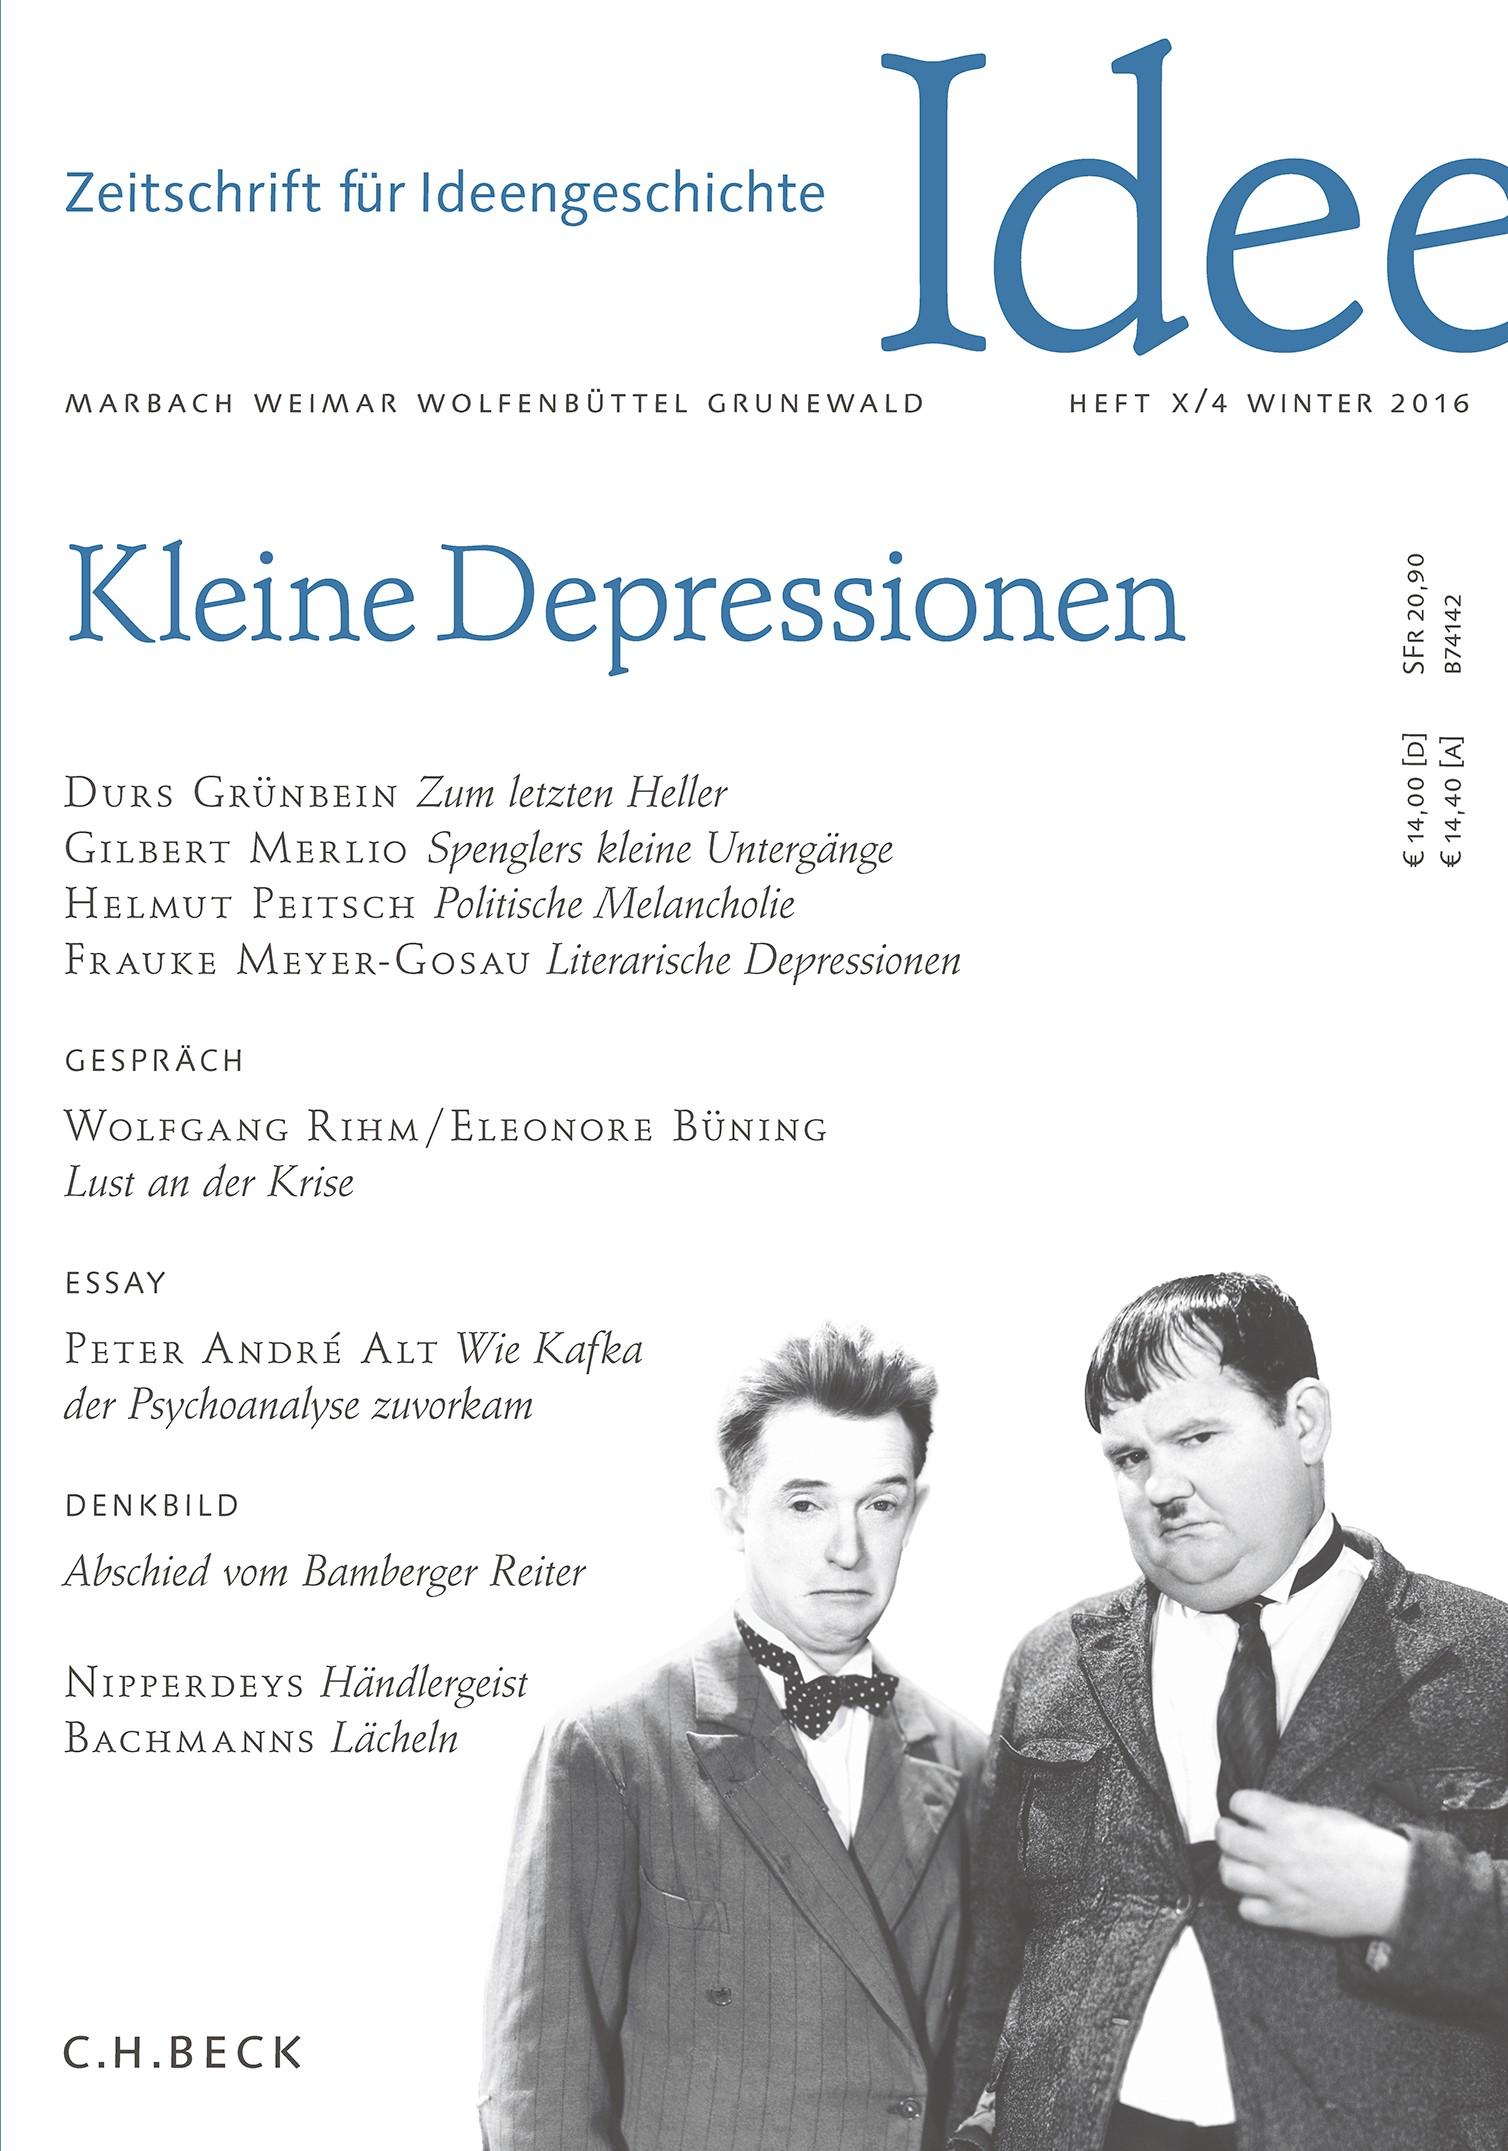 Cover des Buches 'Zeitschrift für Ideengeschichte Heft X/4 Winter 2016'